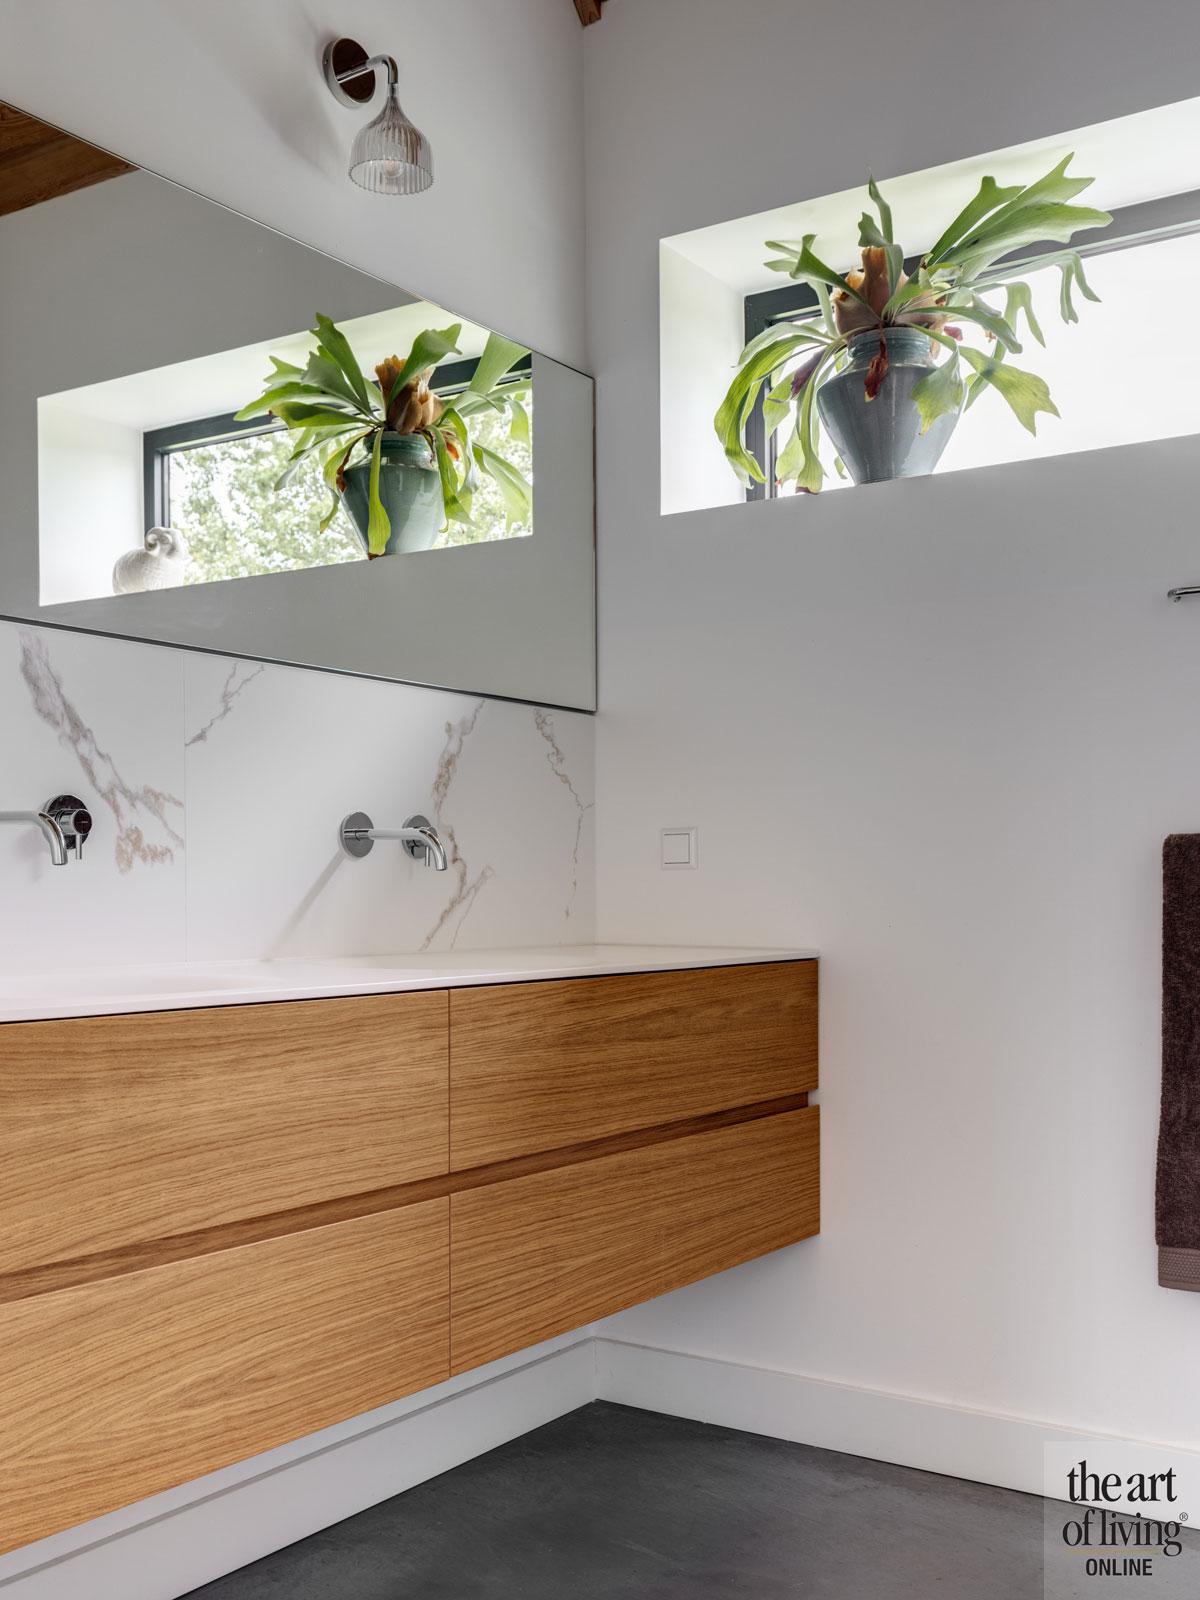 Boederijstijl | Aerdenhout villabouw, the art of living